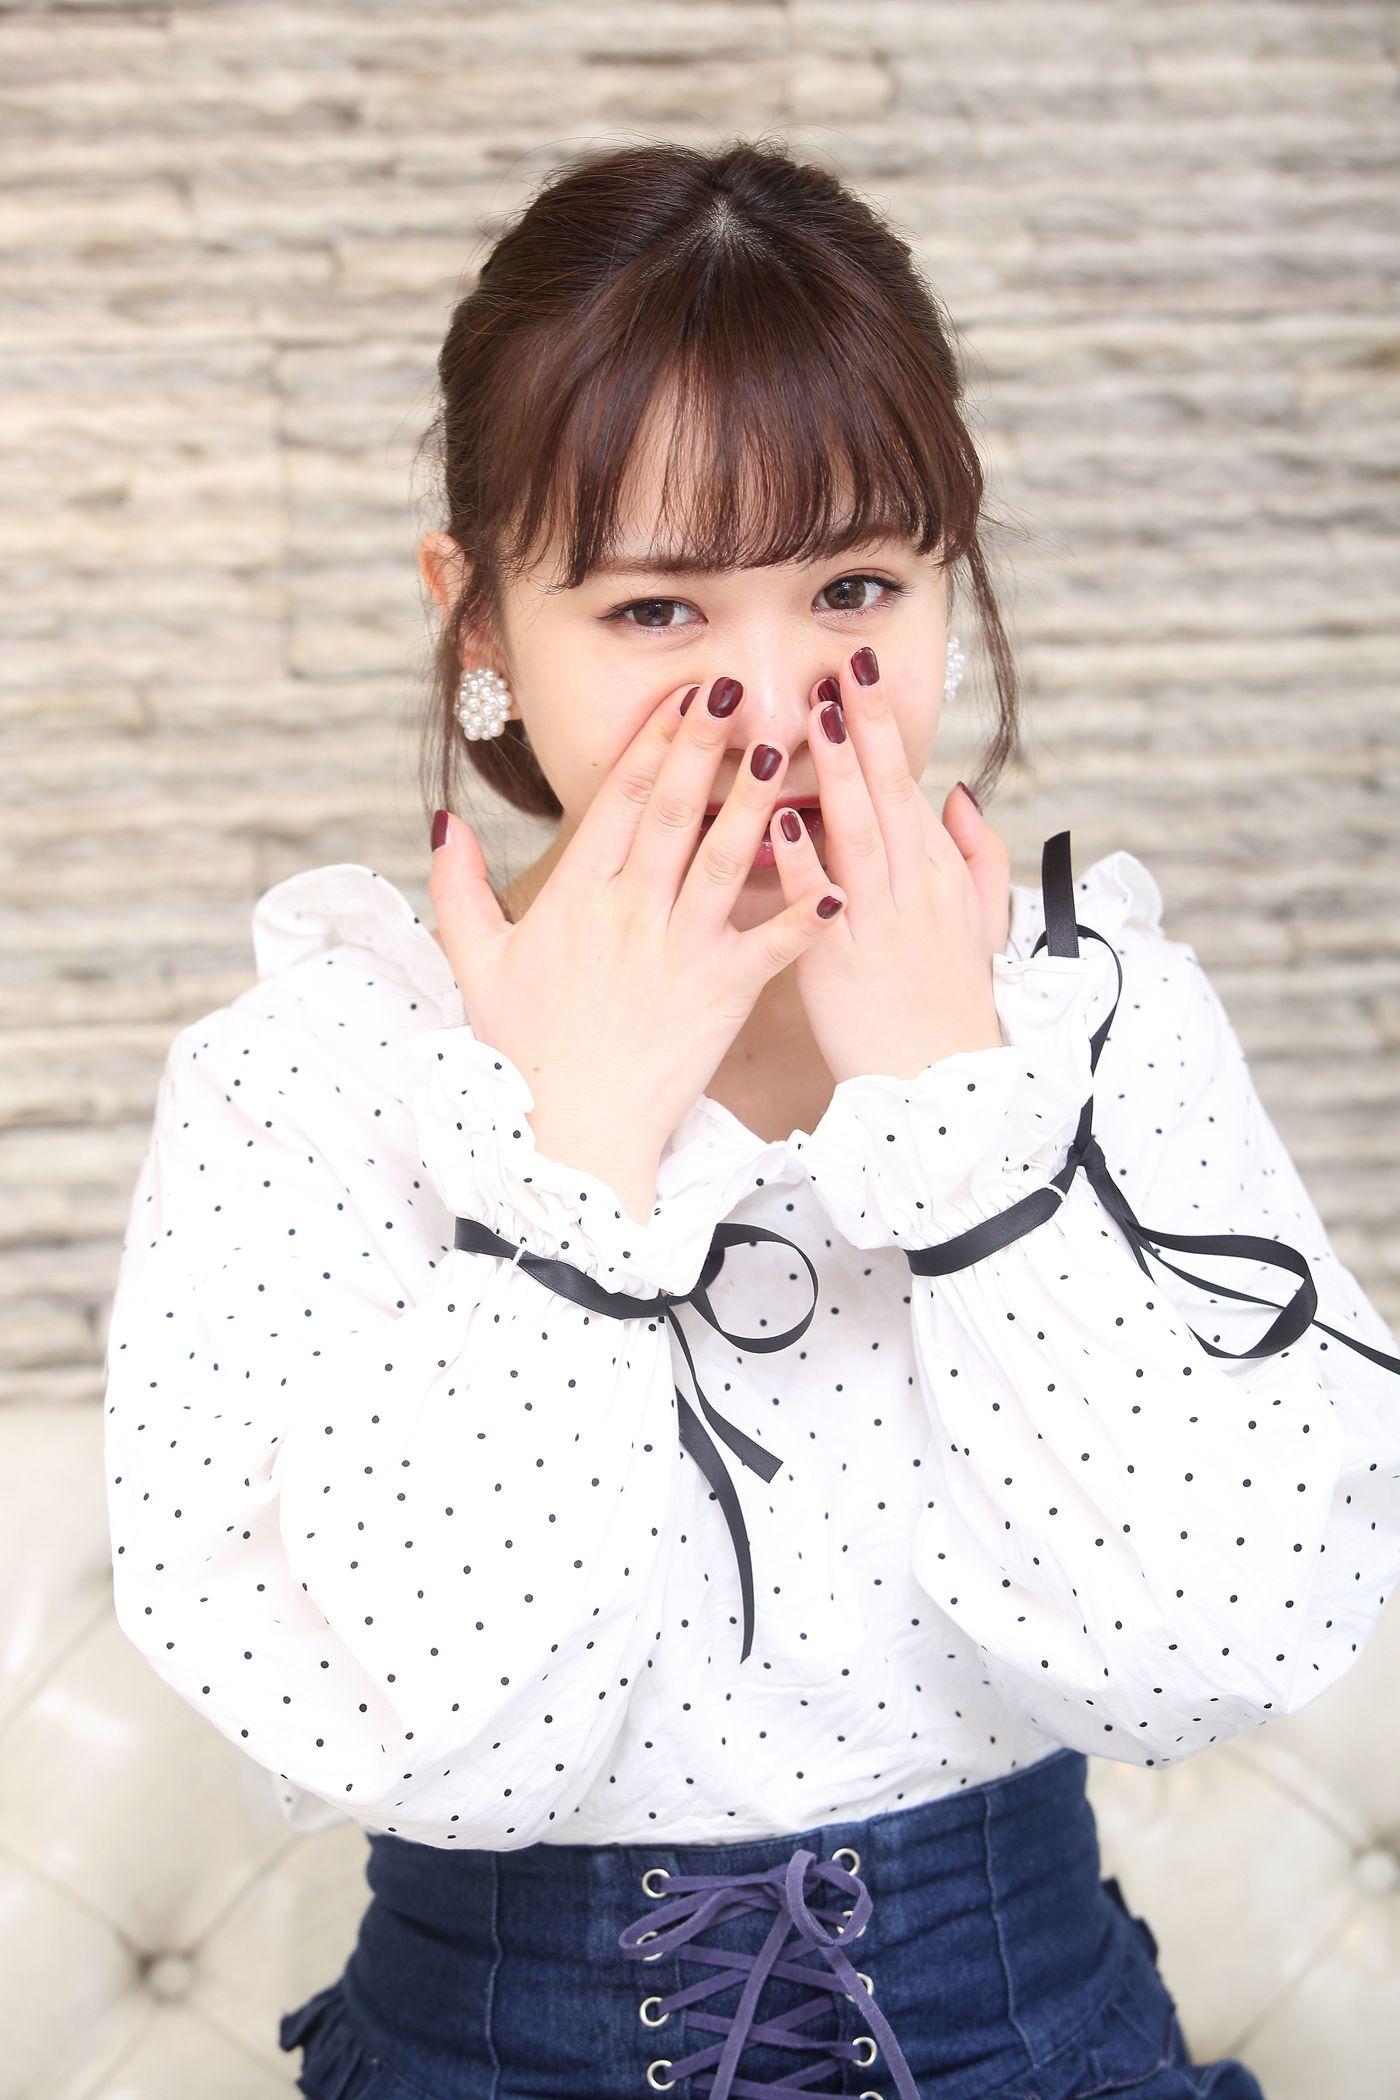 平松可奈子ちゃんの美容法♡変わらない可愛さと強いメンタルの秘密の10枚目の画像